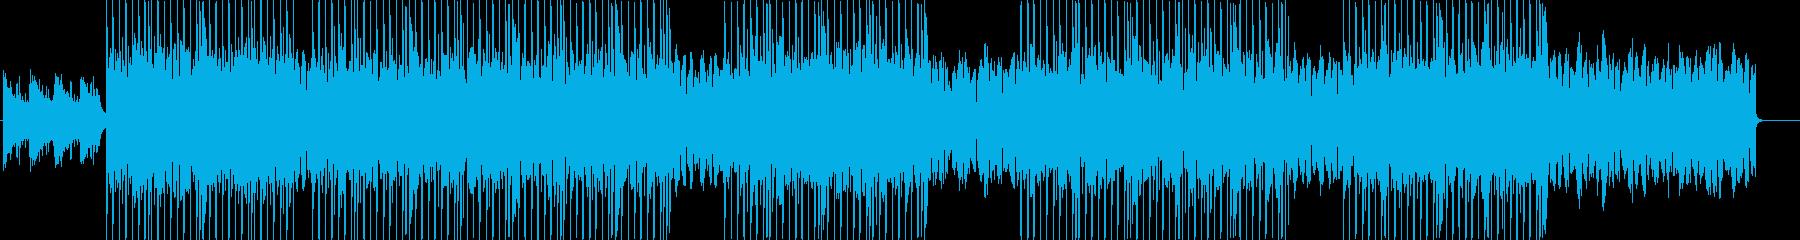 哀愁漂う切ないR&Bミッドテンポトラックの再生済みの波形